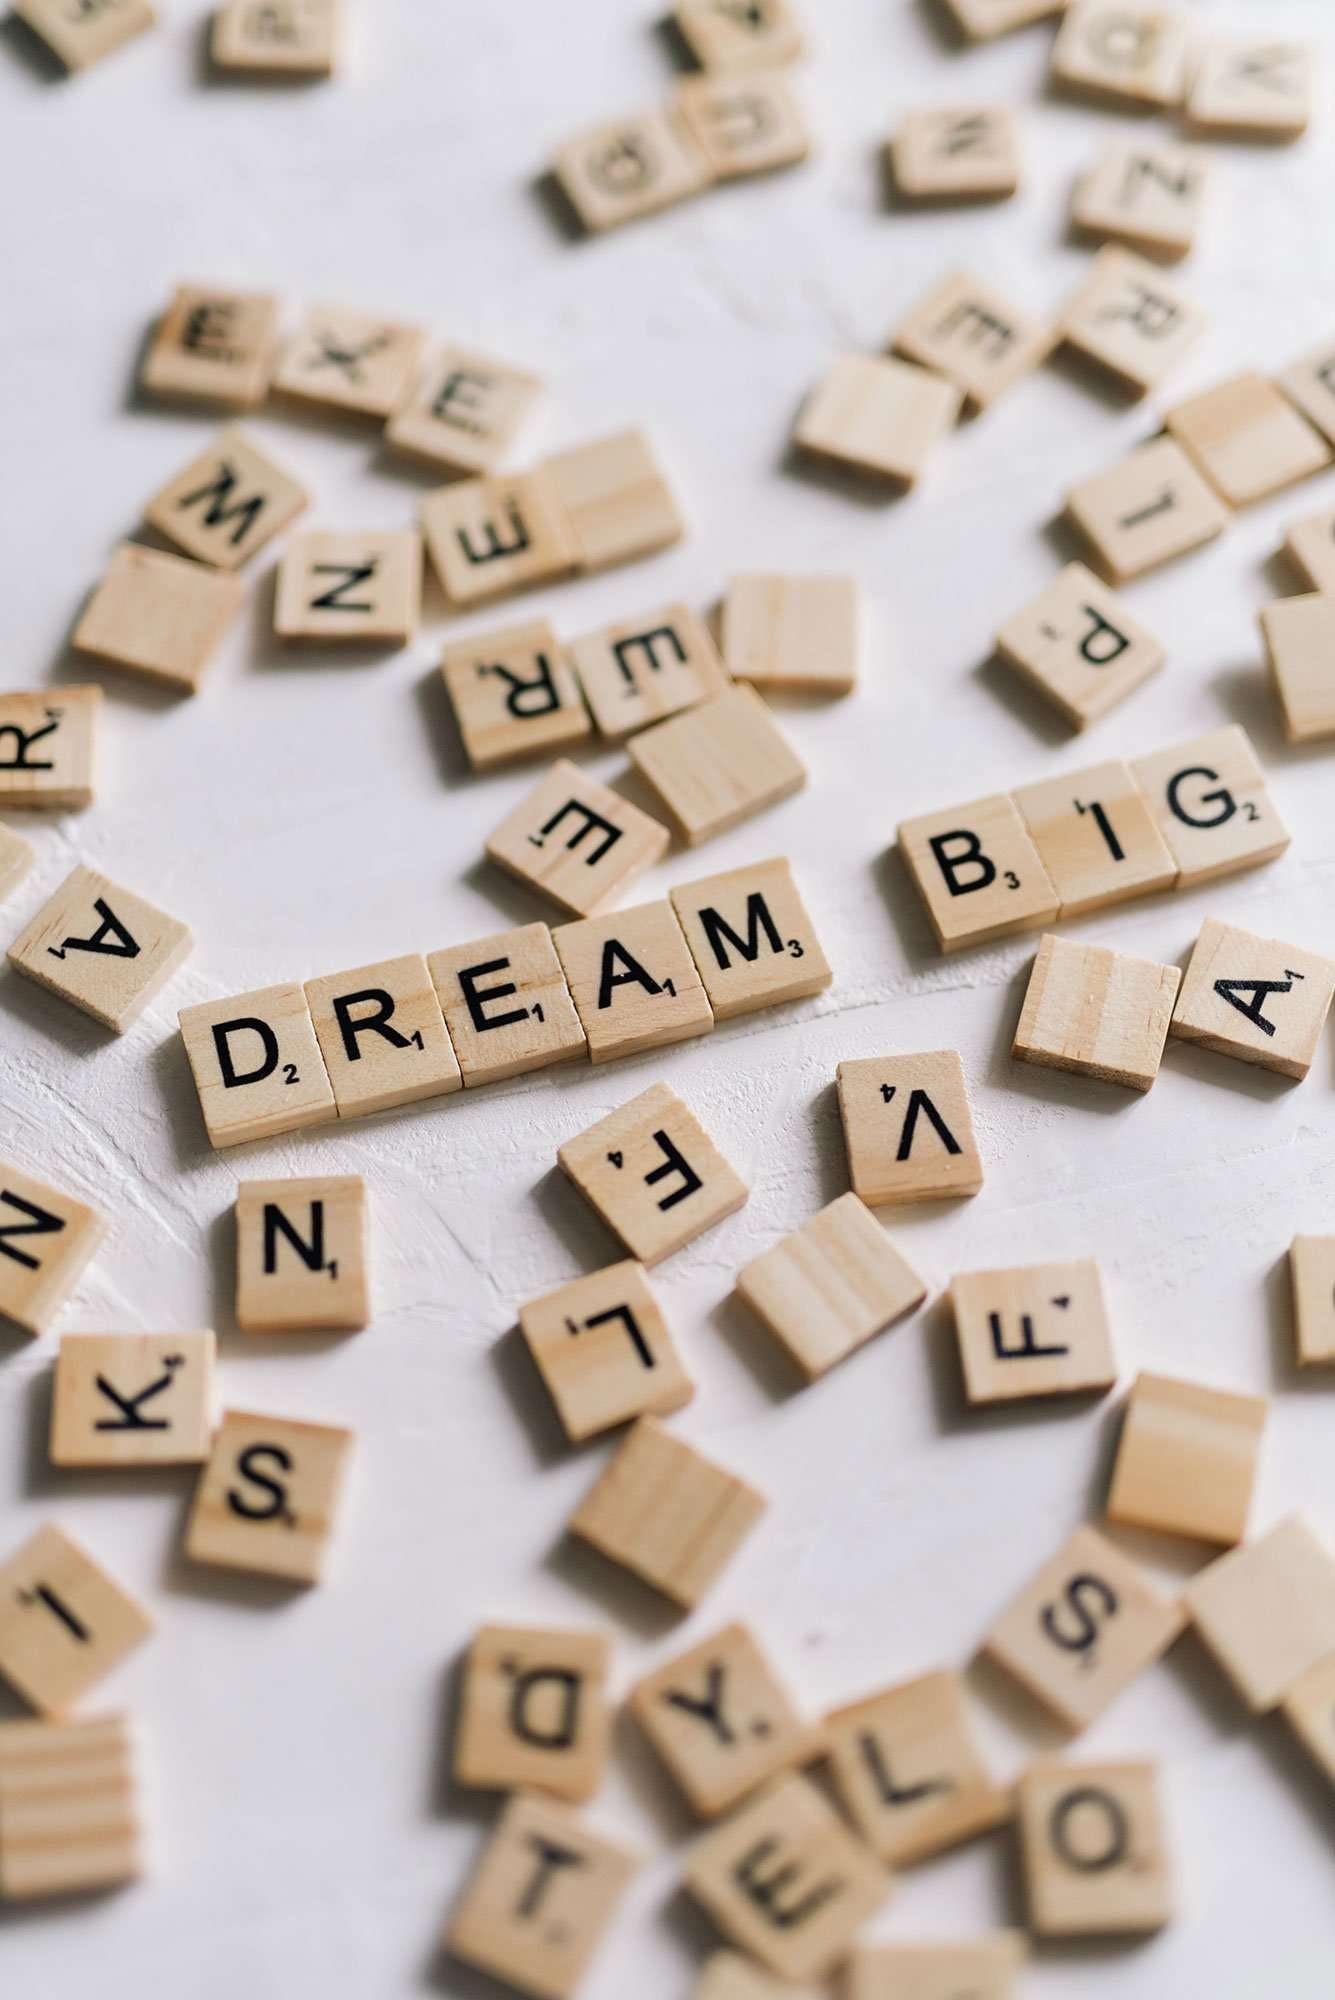 Better Life Coach Business Coaching Dream Big